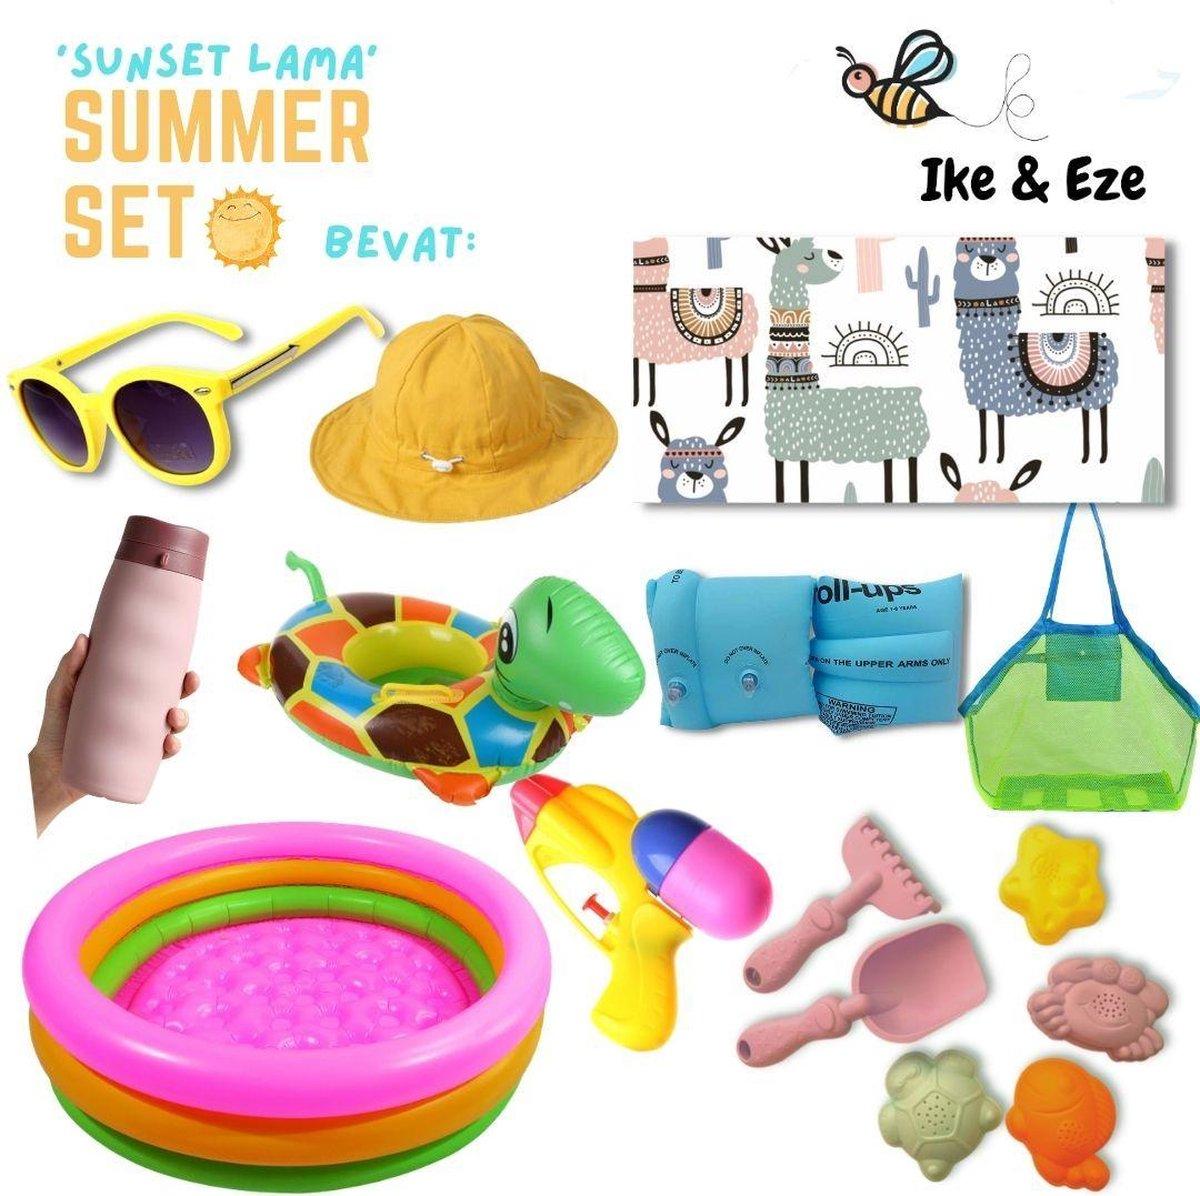 'Sunset Lama' Summer Set - Zomer Set - Strandlaken - strandtas - drinkfles - zonnebril - zon hoedje - opblaasbaar zwembad, zwembandjes en zwemband - zandvormpjes - schepje - hakje - waterpistooltje